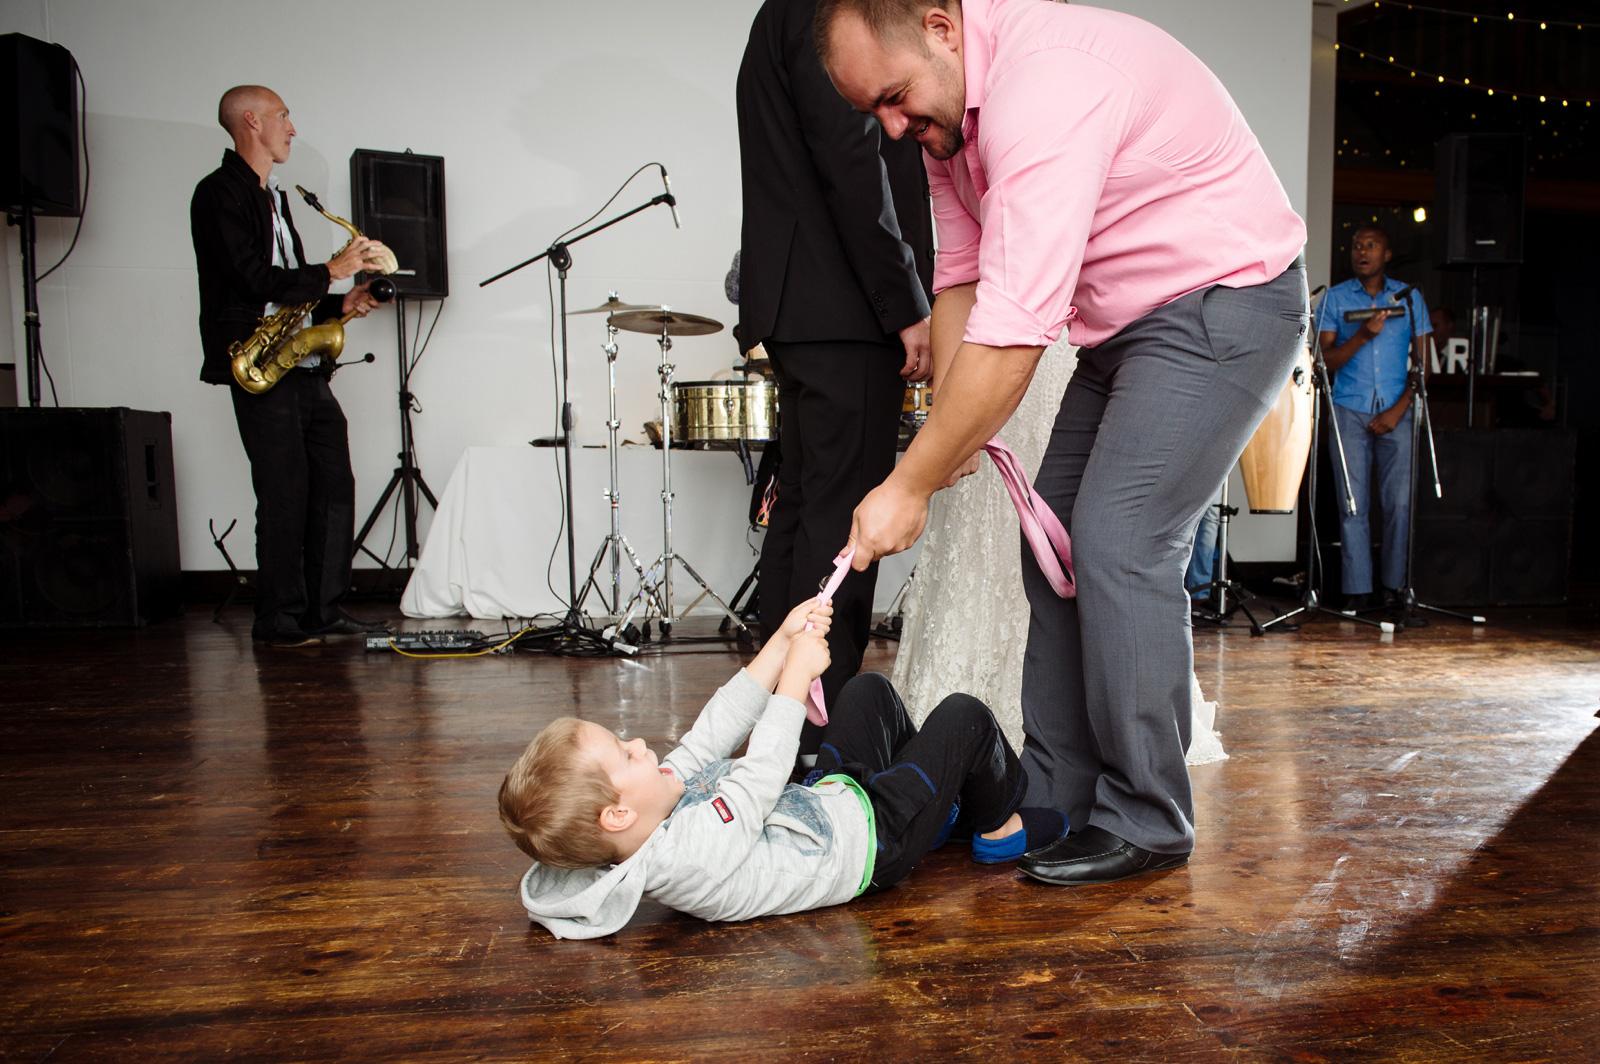 Child on dance floor